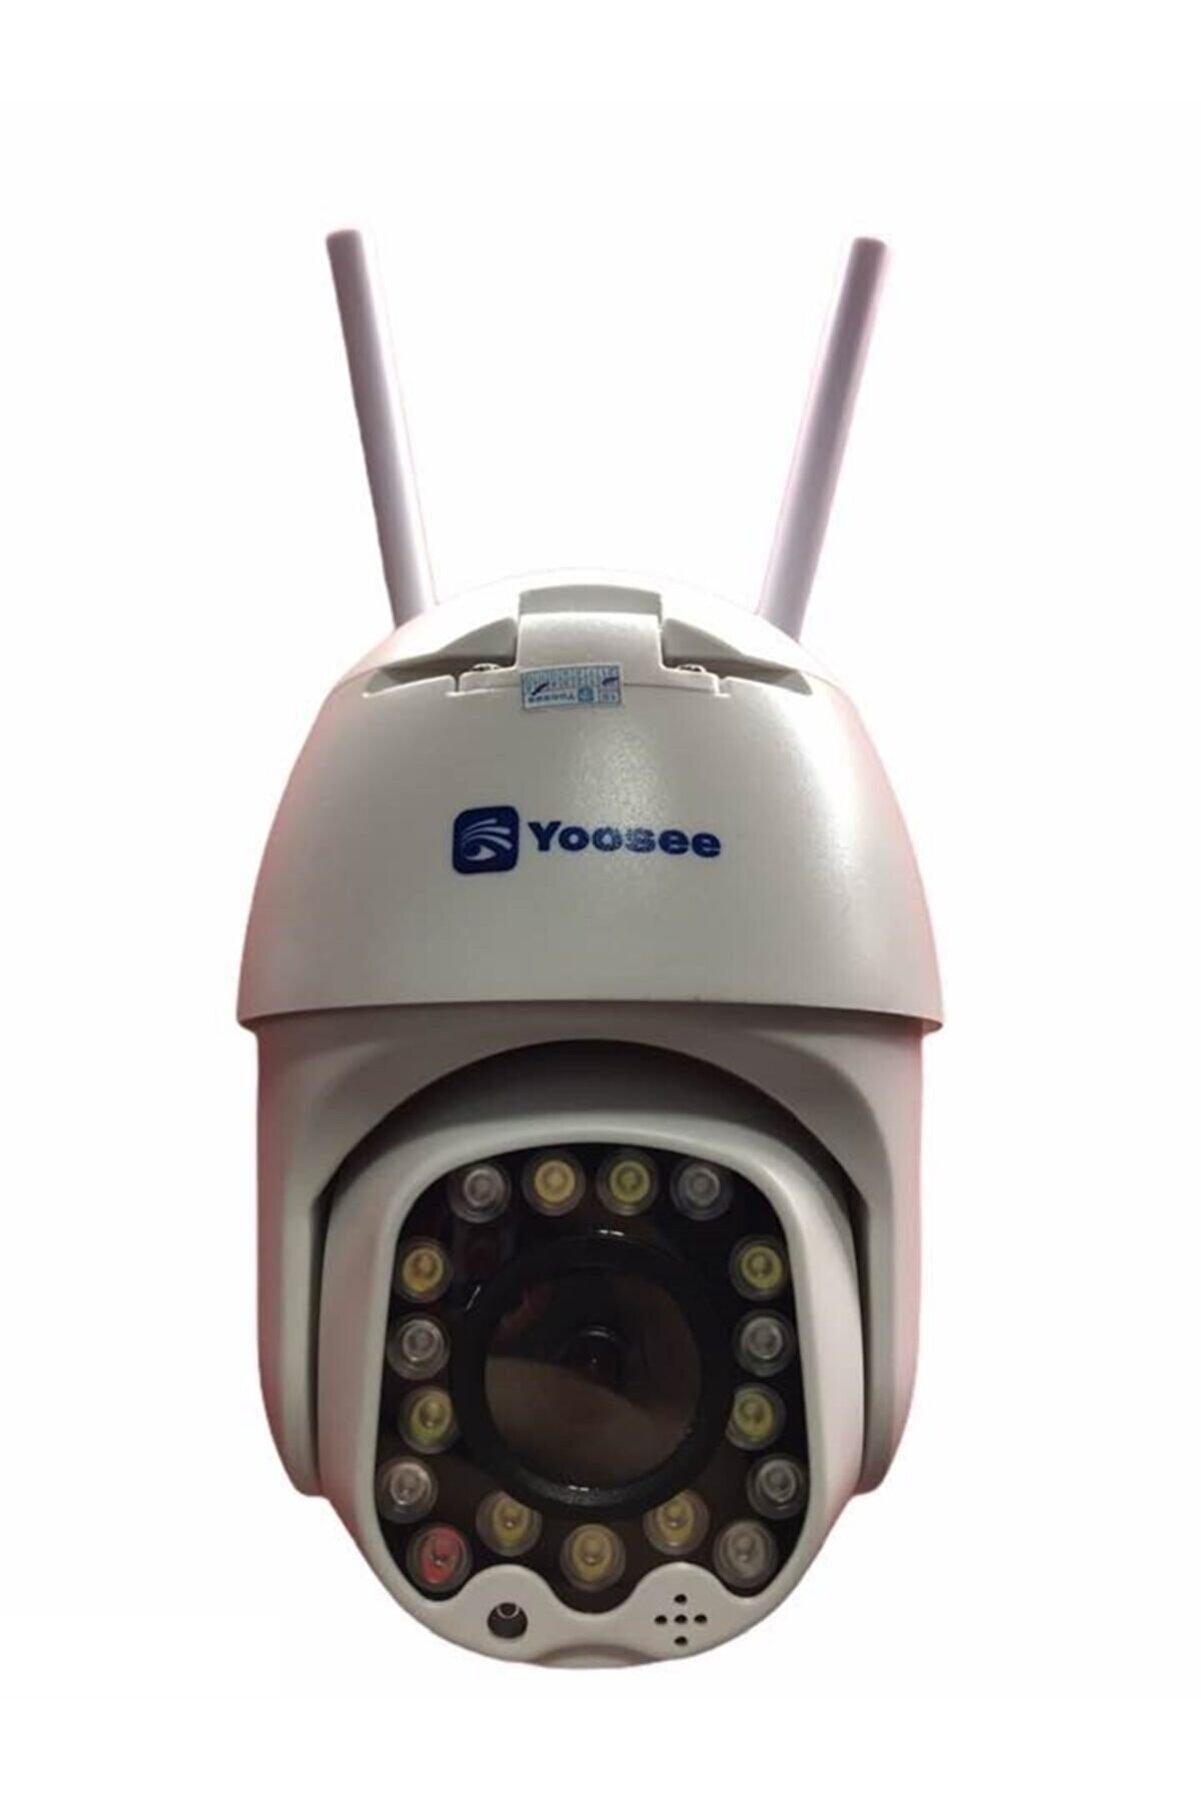 yoosee Polis Işıklı Speed Dome Kamera Ys 06 Ys06